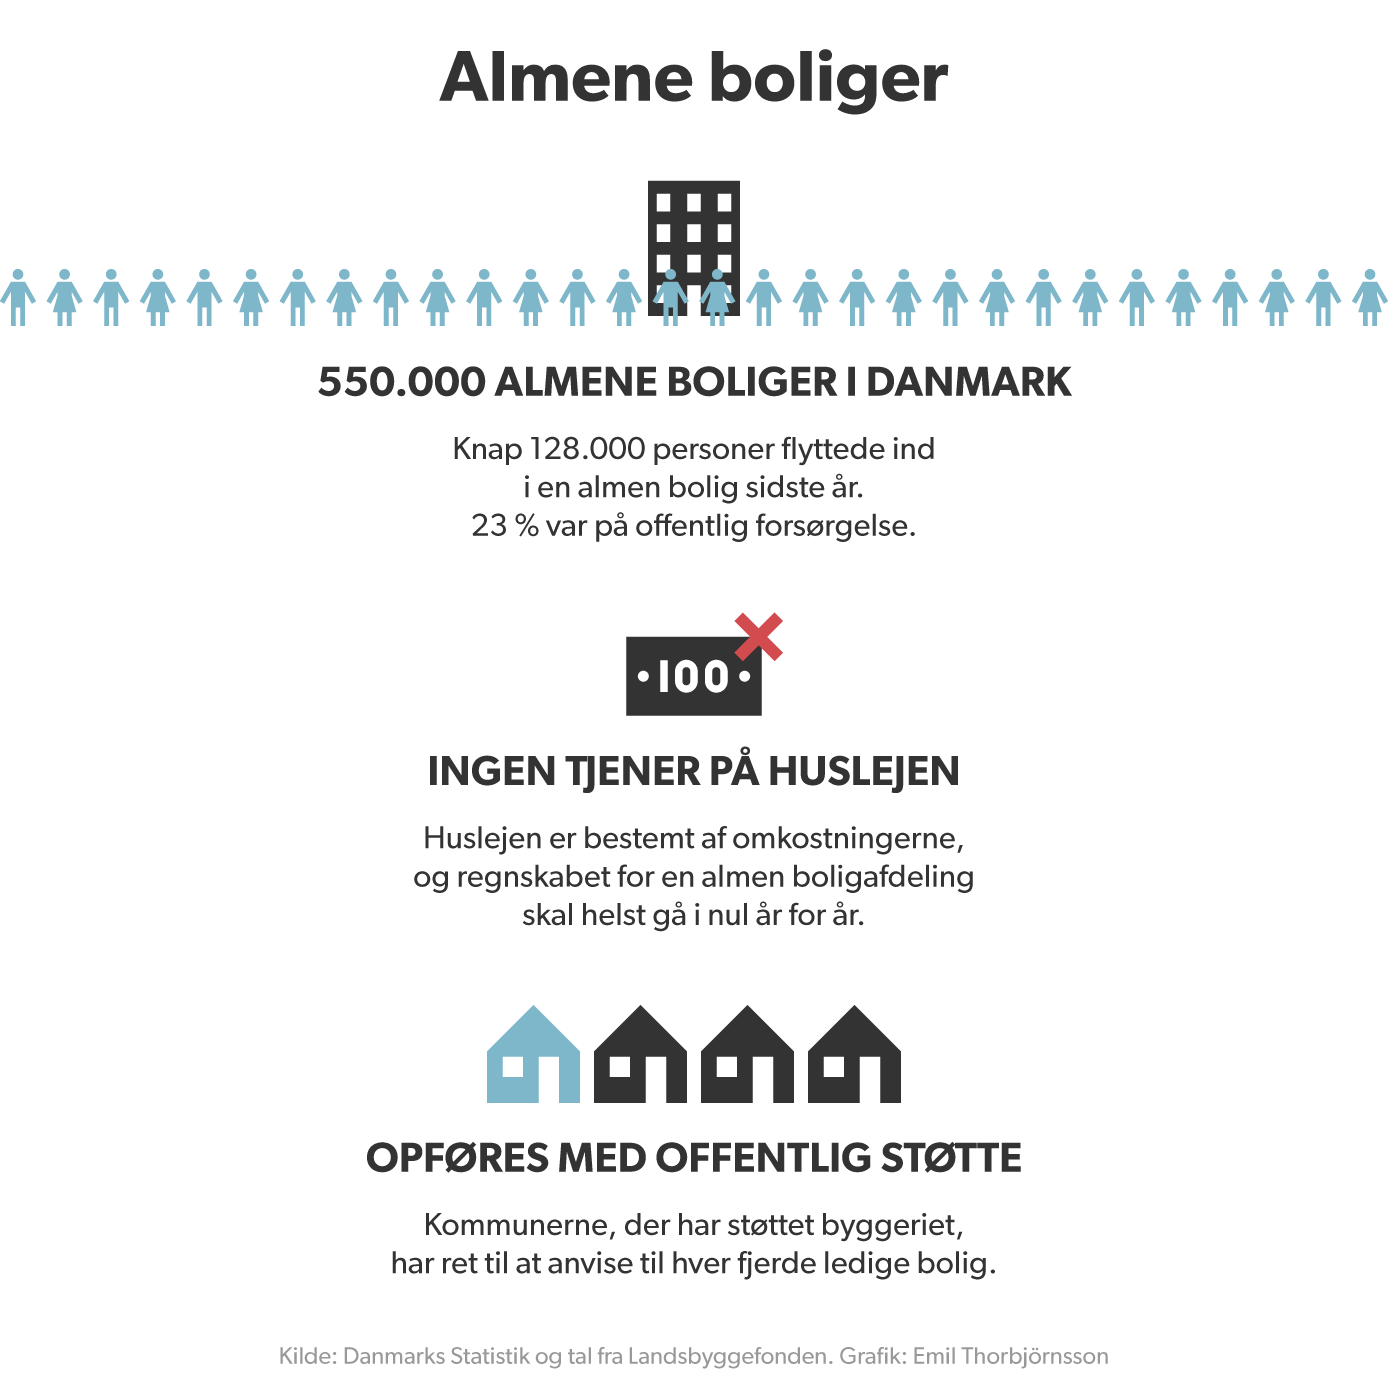 d_almene_boliger_v001_0.png